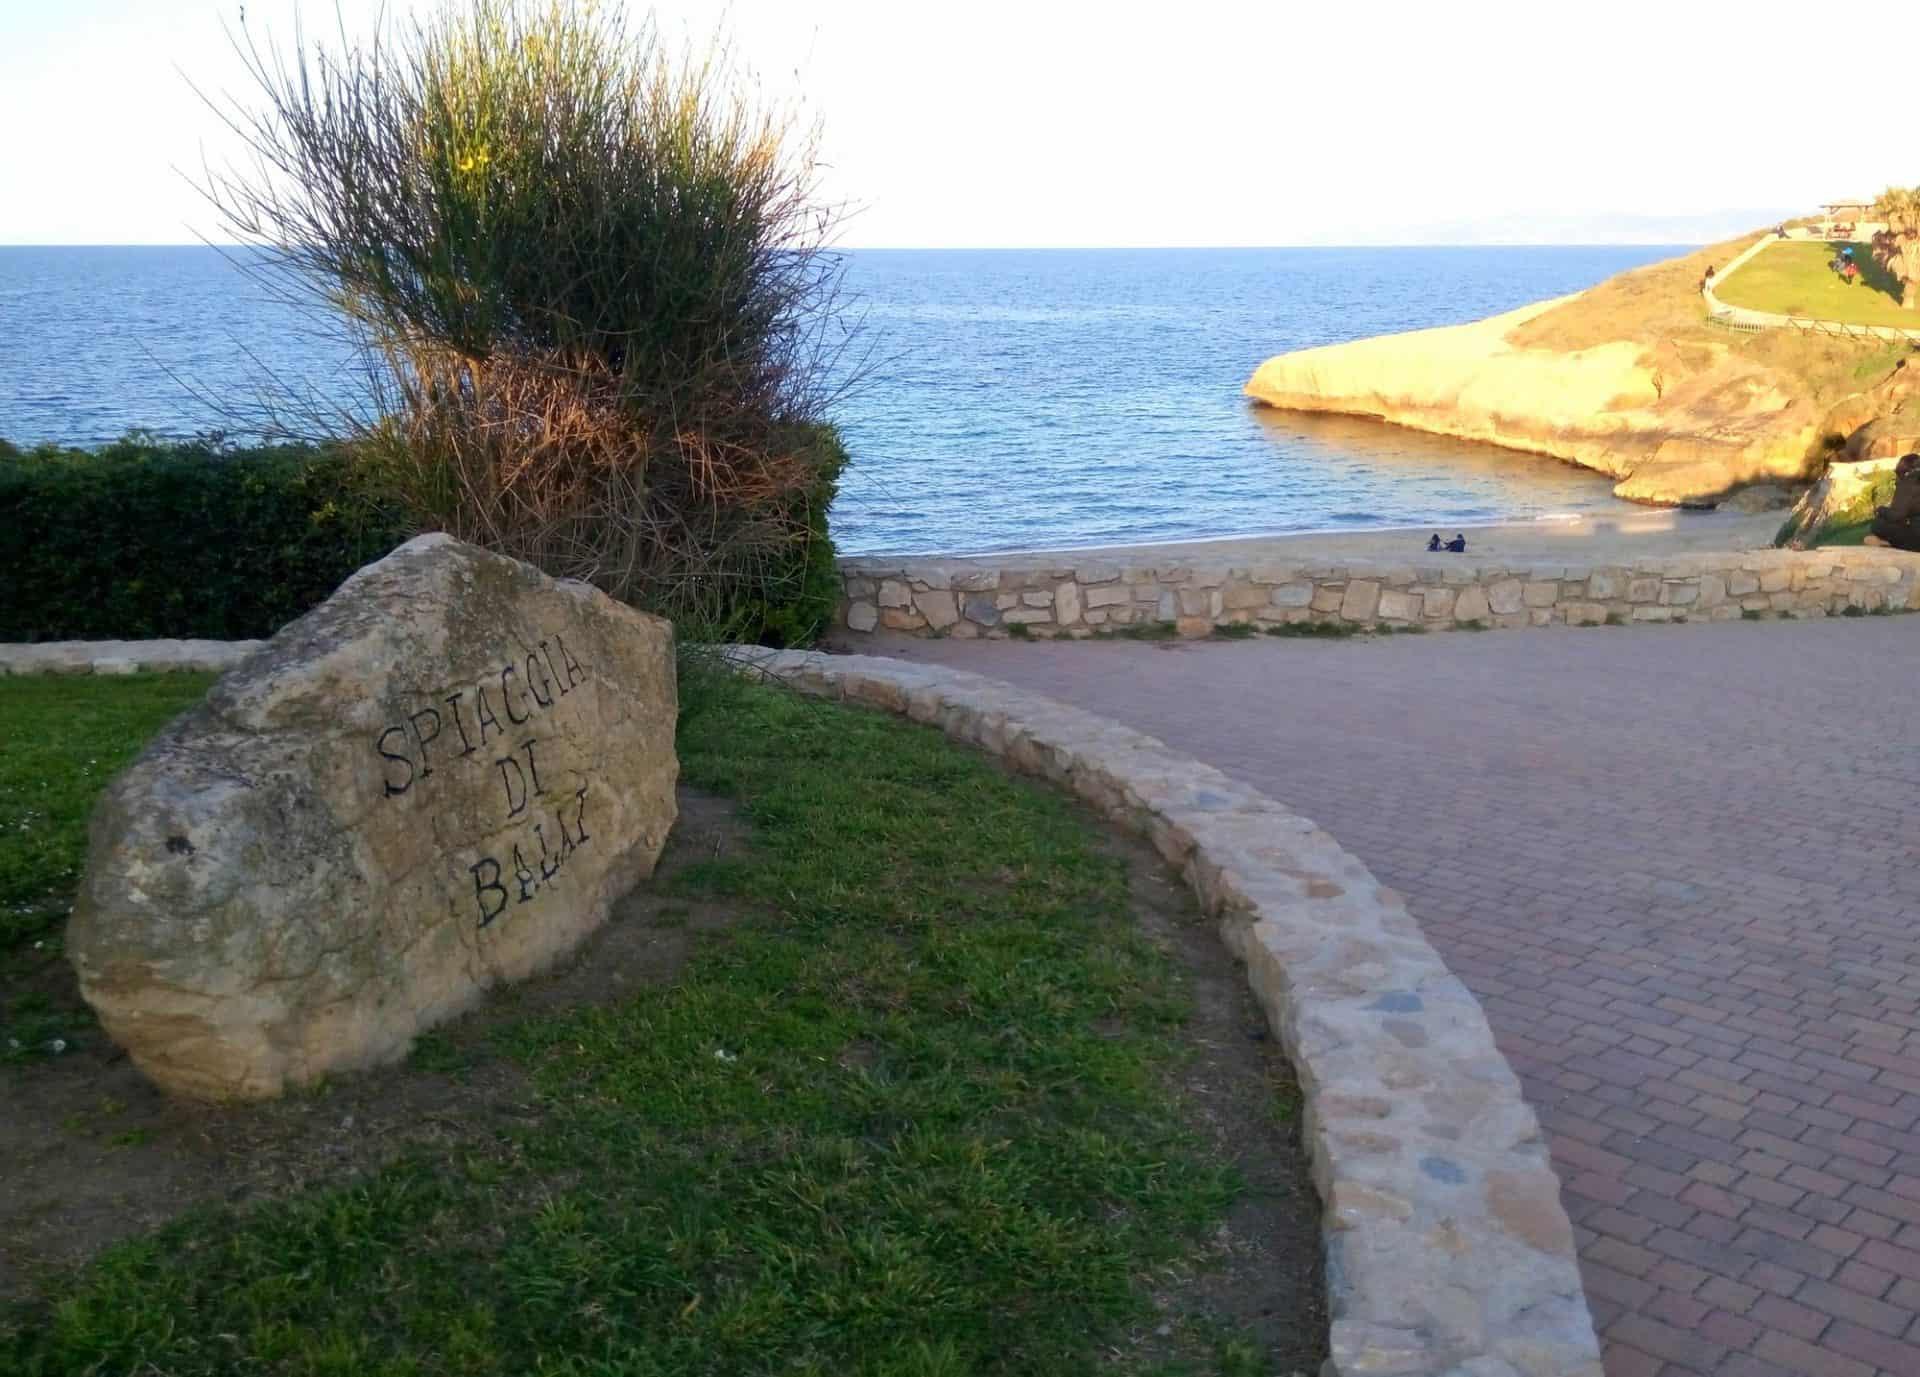 porto_torres_spiaggia_balai